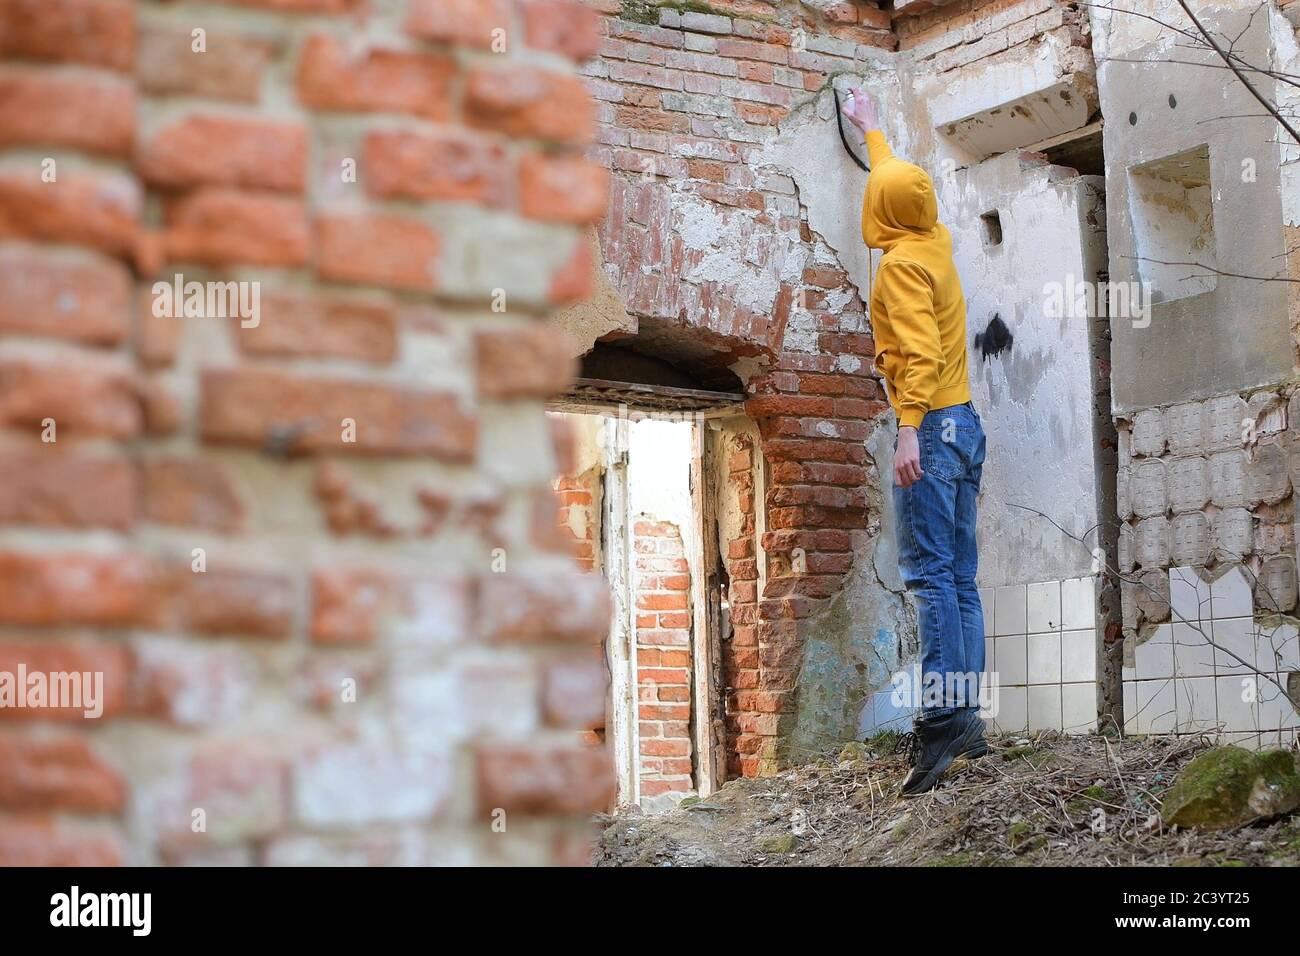 Un jeune homme dessine de la peinture en aérosol sur le mur d'un bâtiment abandonné Banque D'Images